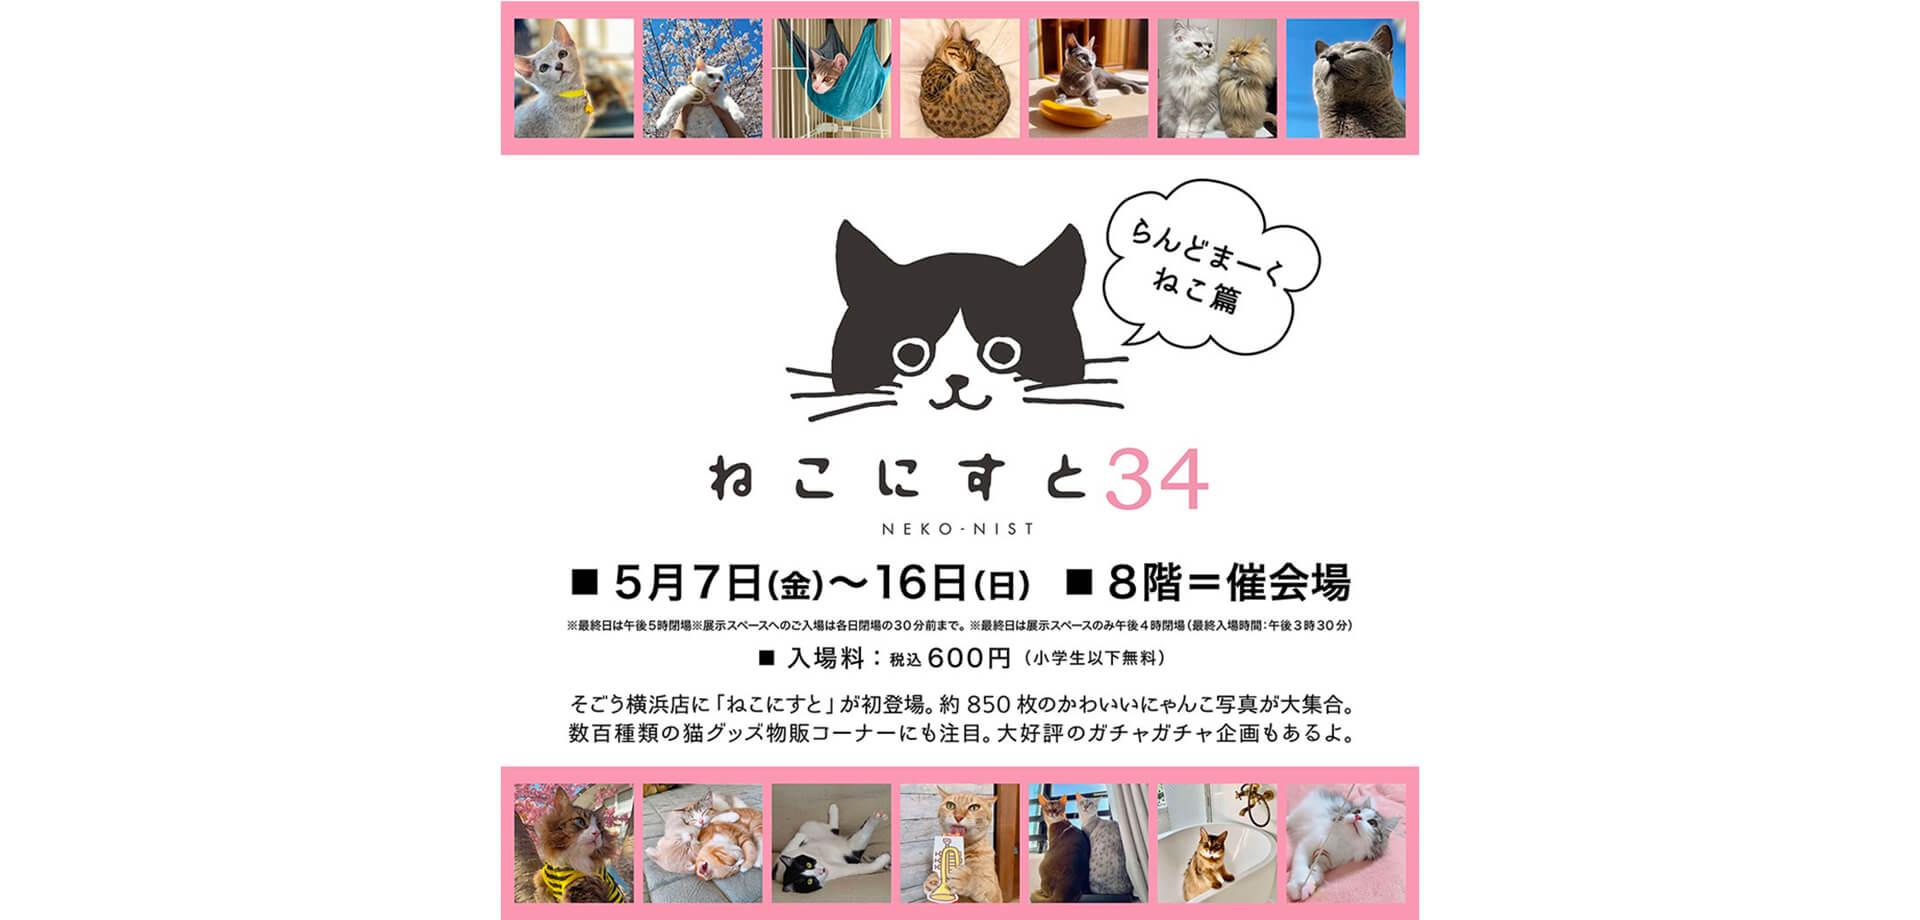 【そごう横浜店】ねこにすと34 -らんどまーくねこ篇-